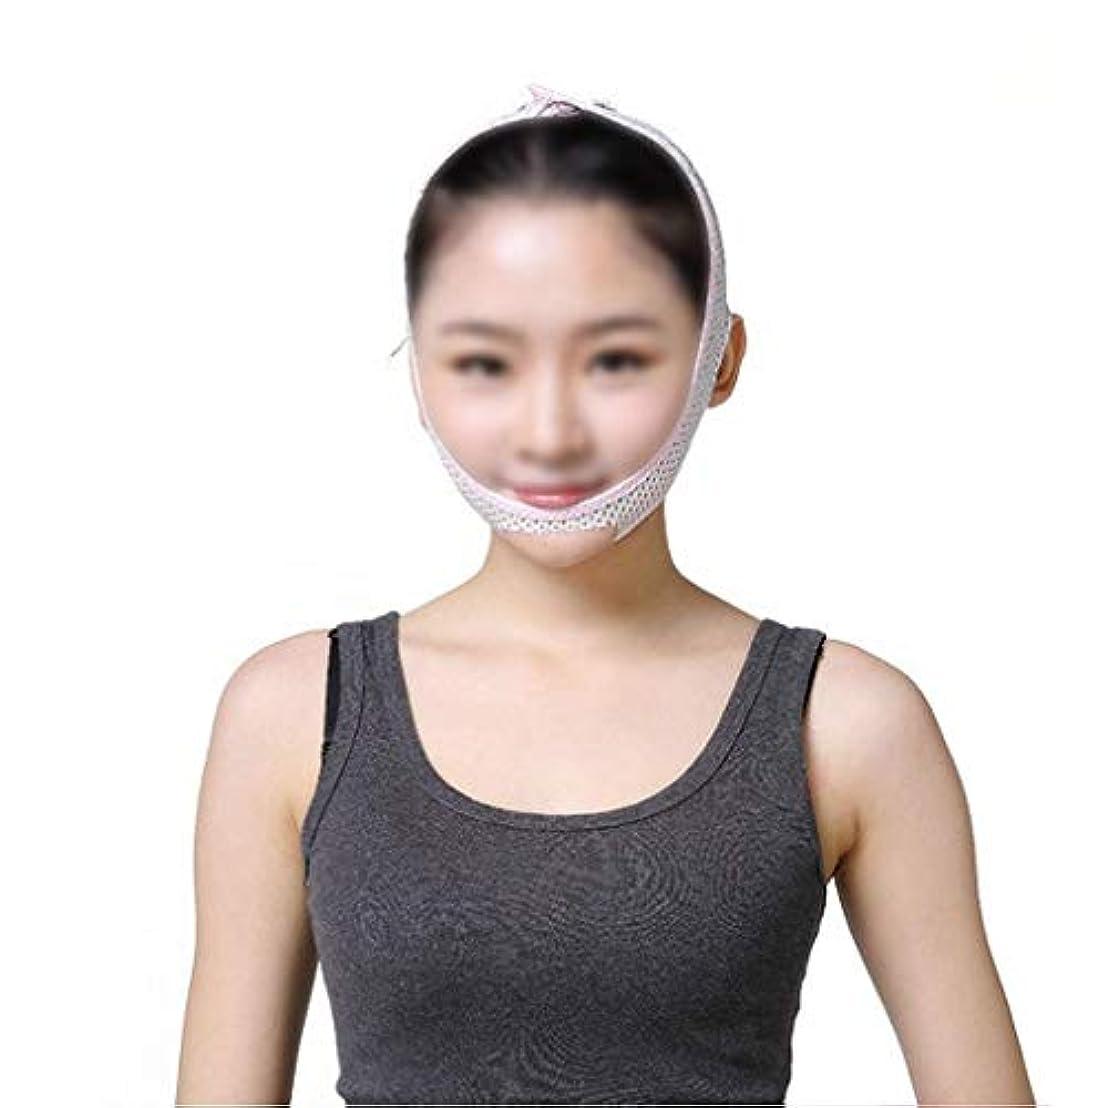 コジオスコ蒸留扱いやすいフェイスリフティングマスク、快適で リフティングスキンファーミングスリープシンフェイスアーティファクトアンチリンクル/リムーブダブルチン/術後回復マスク(サイズ:M)